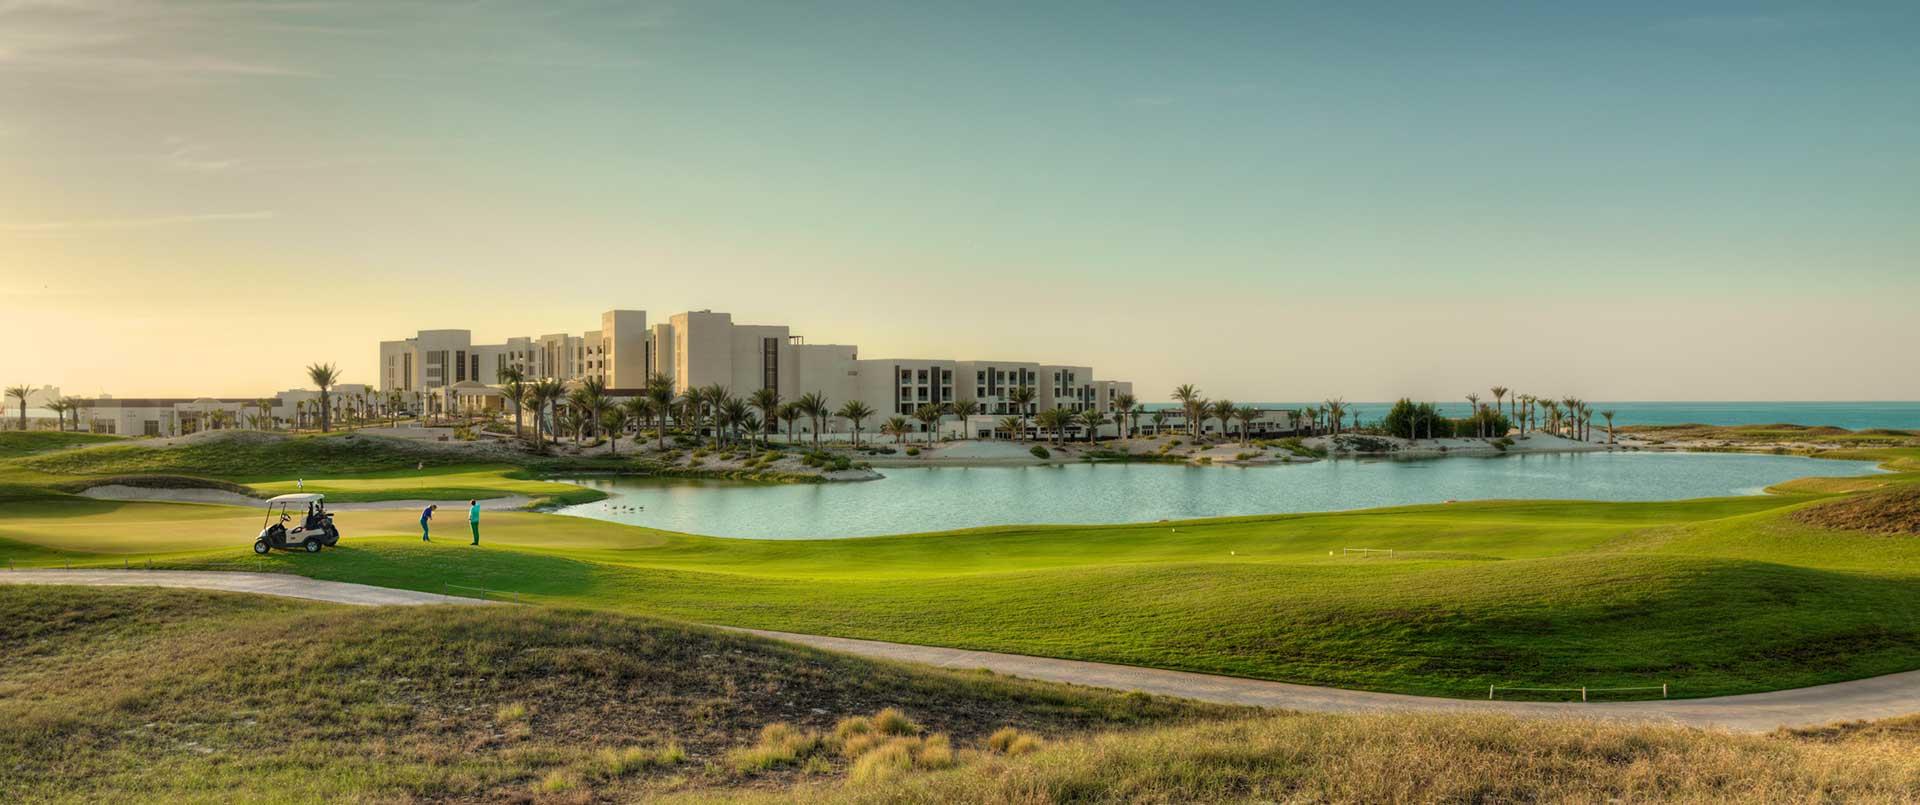 Park Hyatt, Abu Dhabi